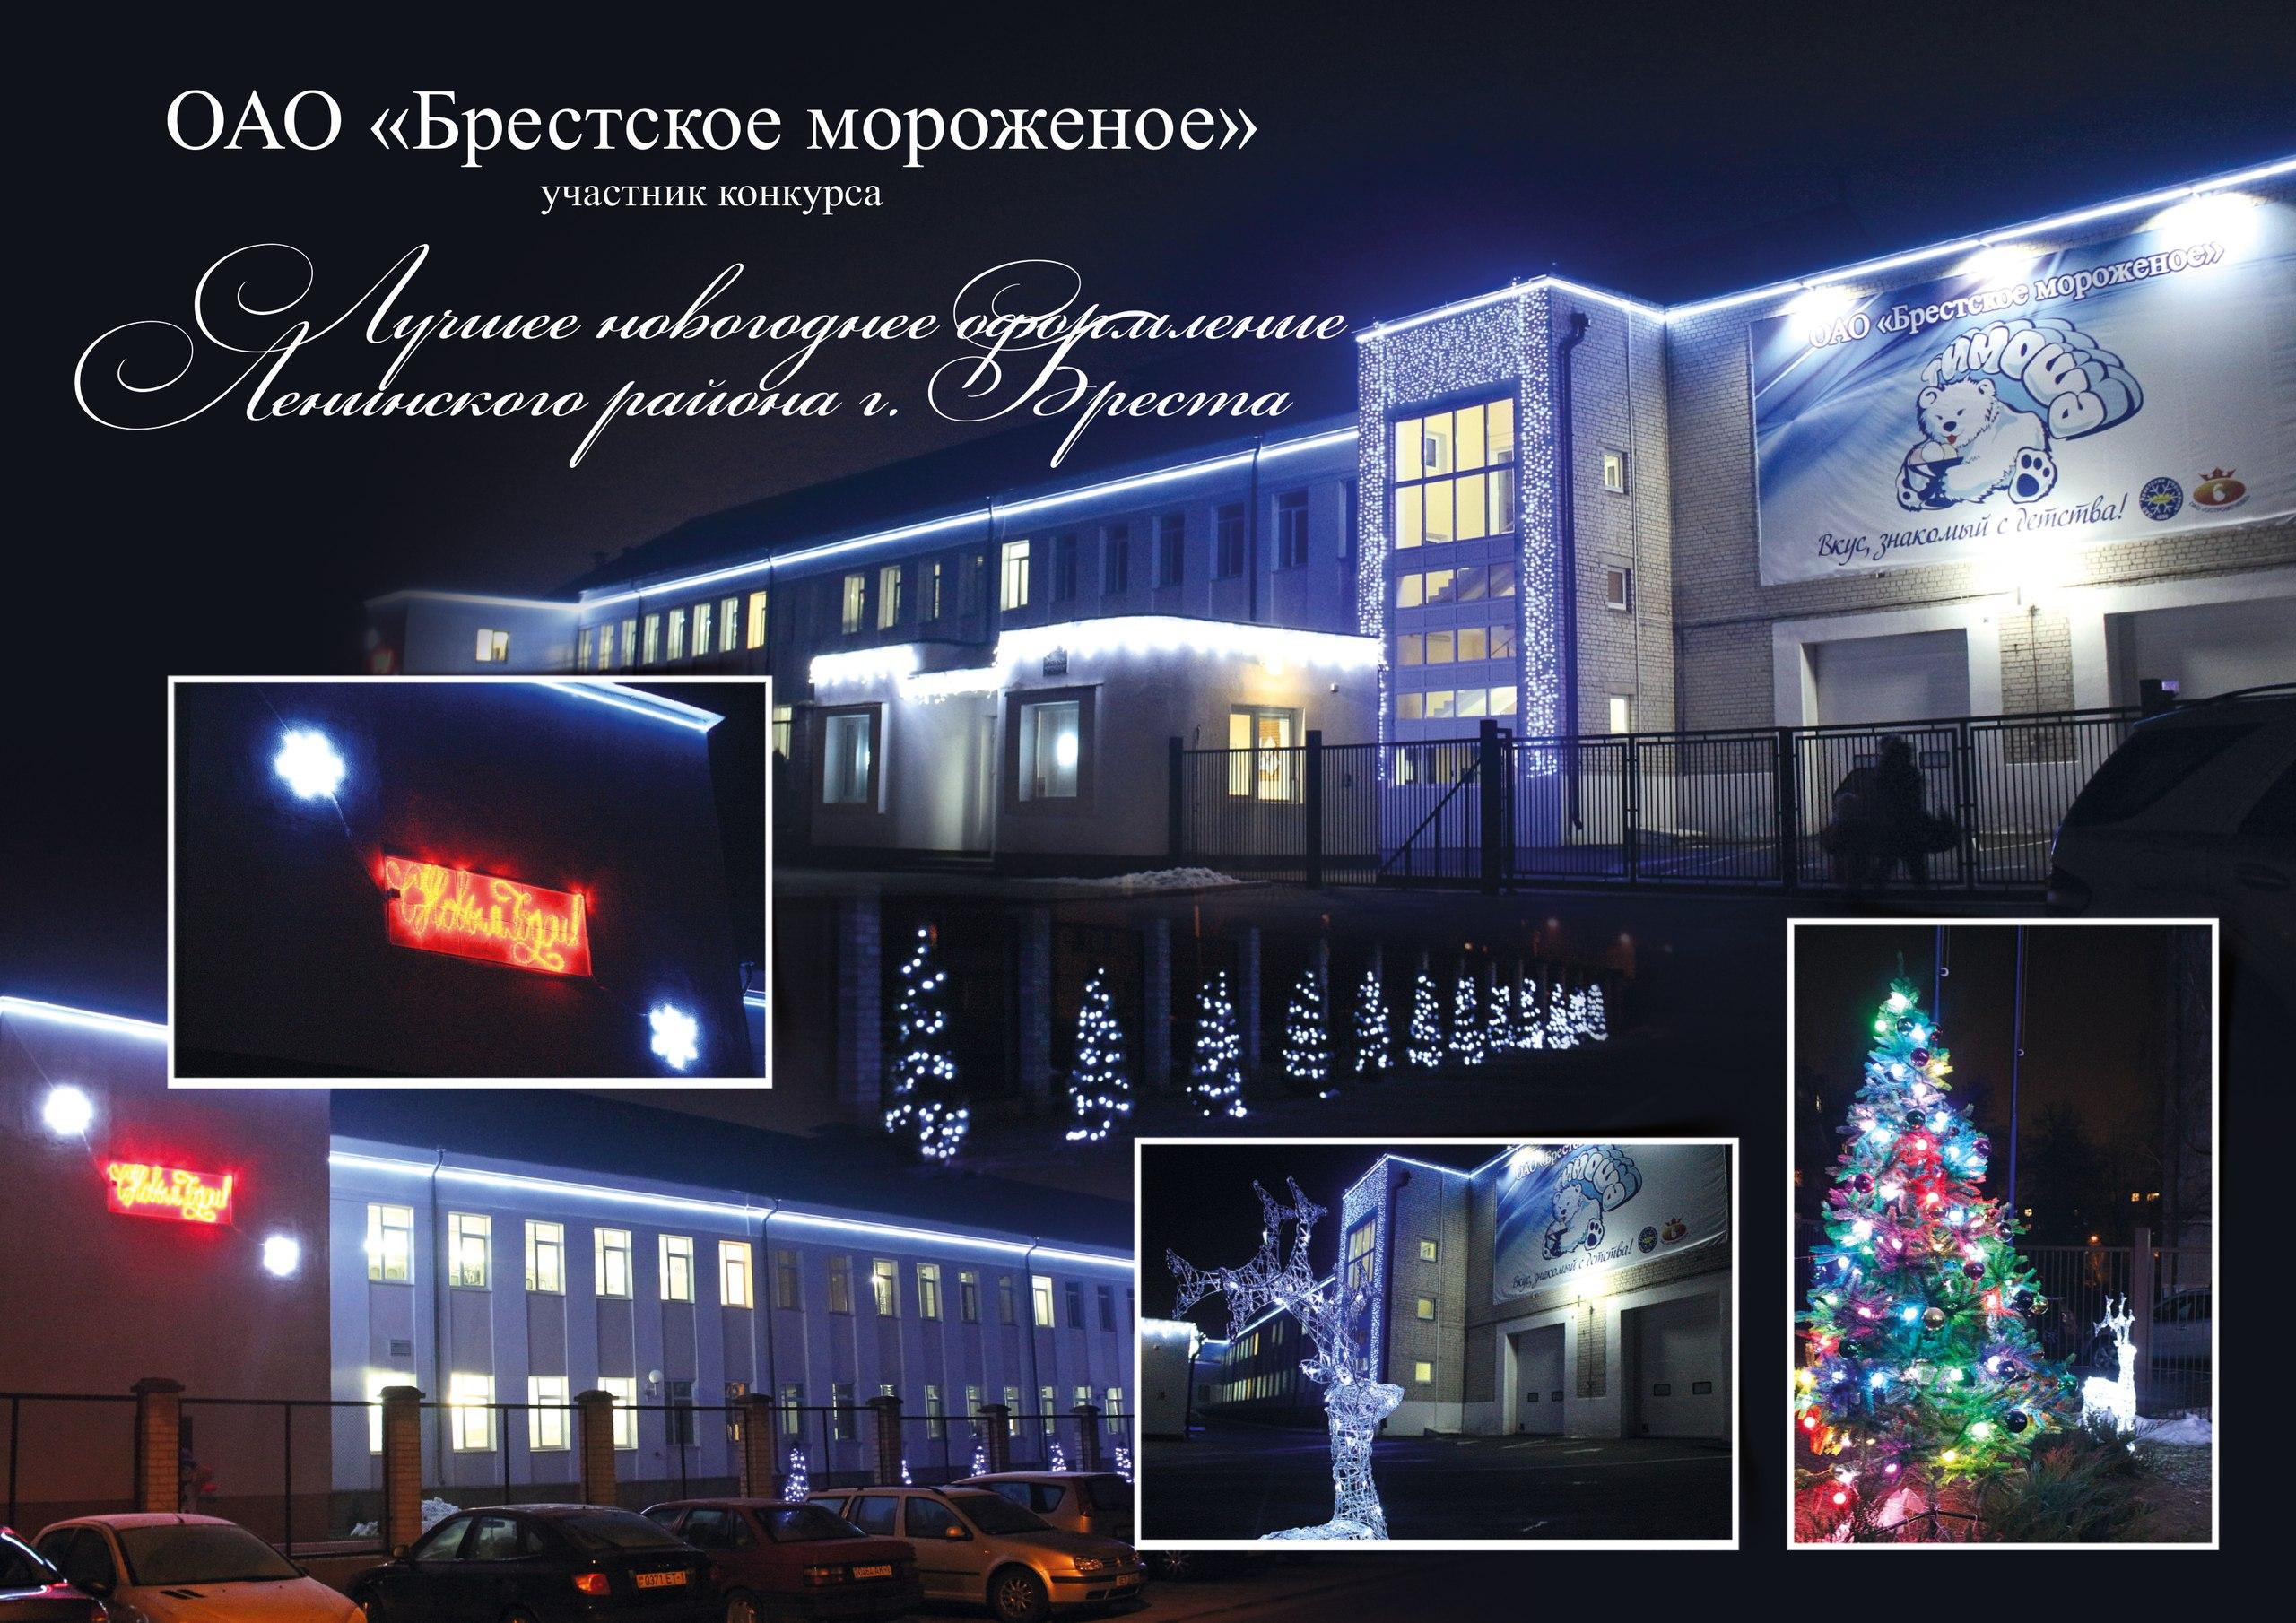 Завершается конкурс новогоднего оформления Ленинского района г. Бреста - 2017